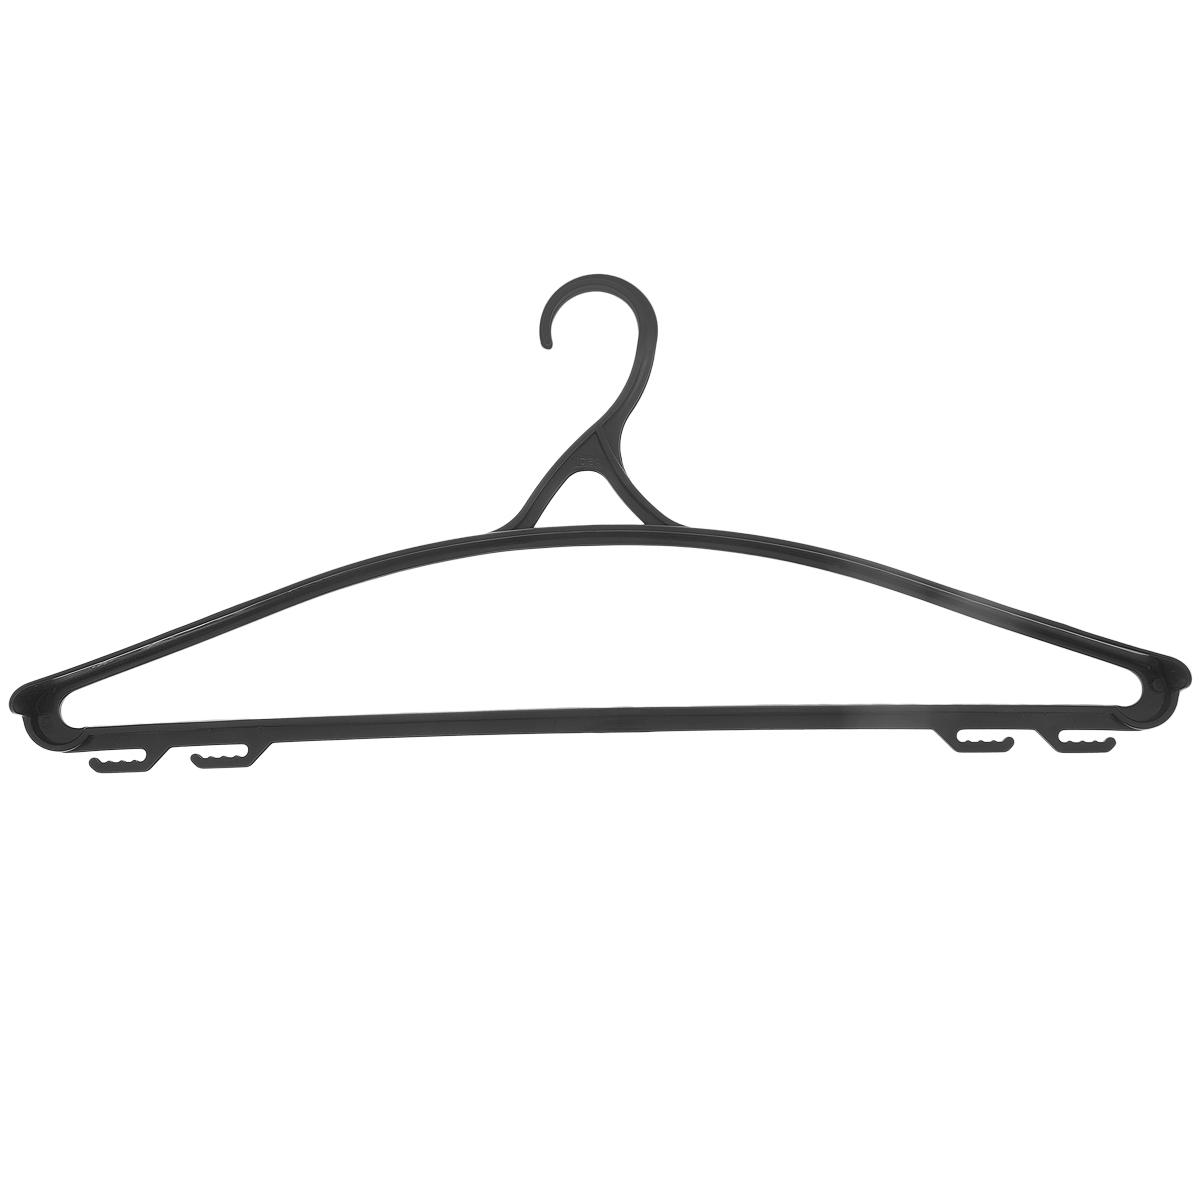 Вешалка для одежды М-пластика, цвет: черный, размер 50-52 ricom вешалка для одежды ricom а2501 mpftwqd